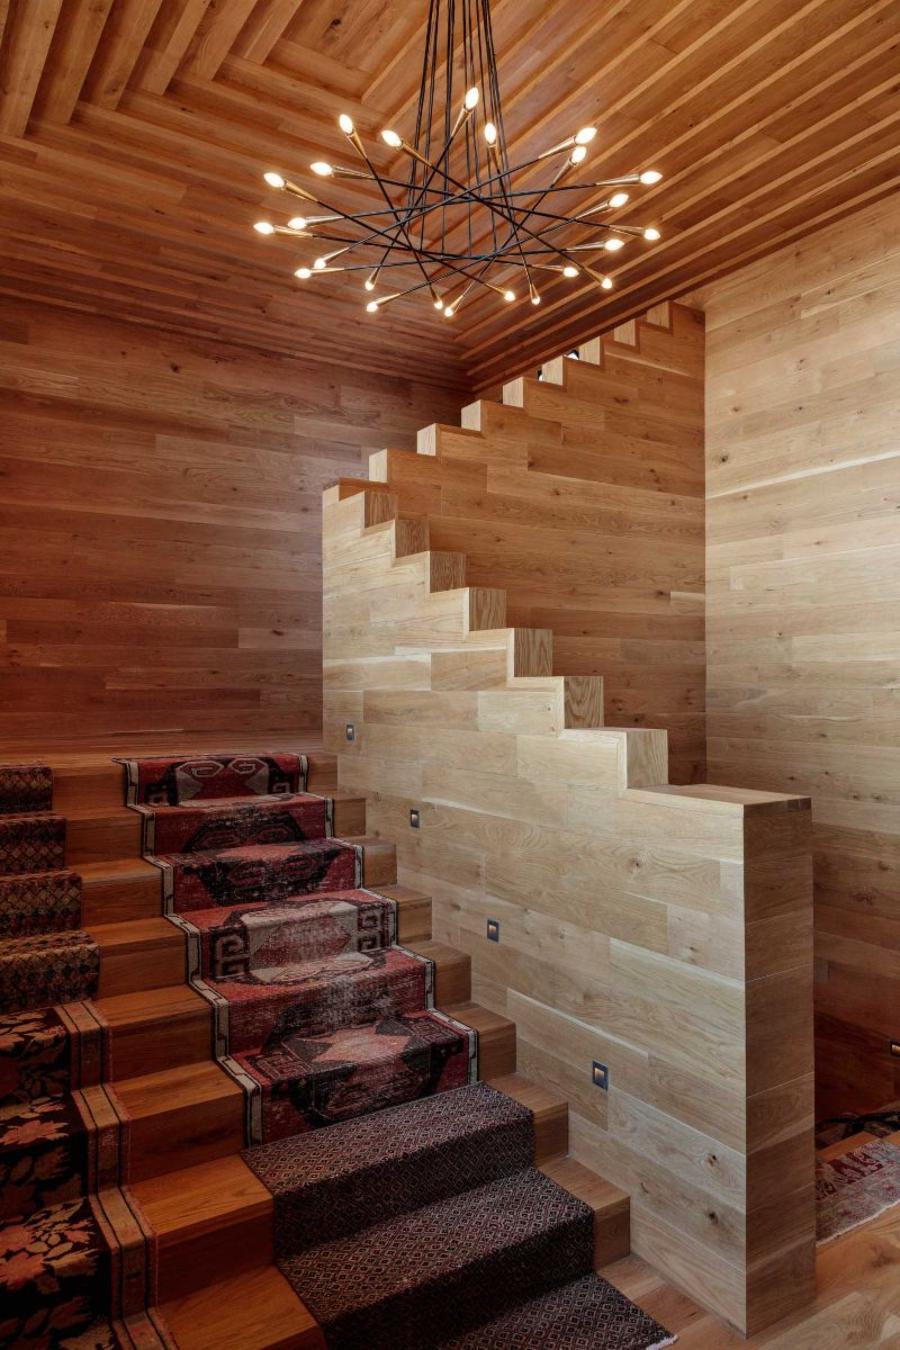 Kelly Wearstler's Proper Hotel & Residence Project in Austin